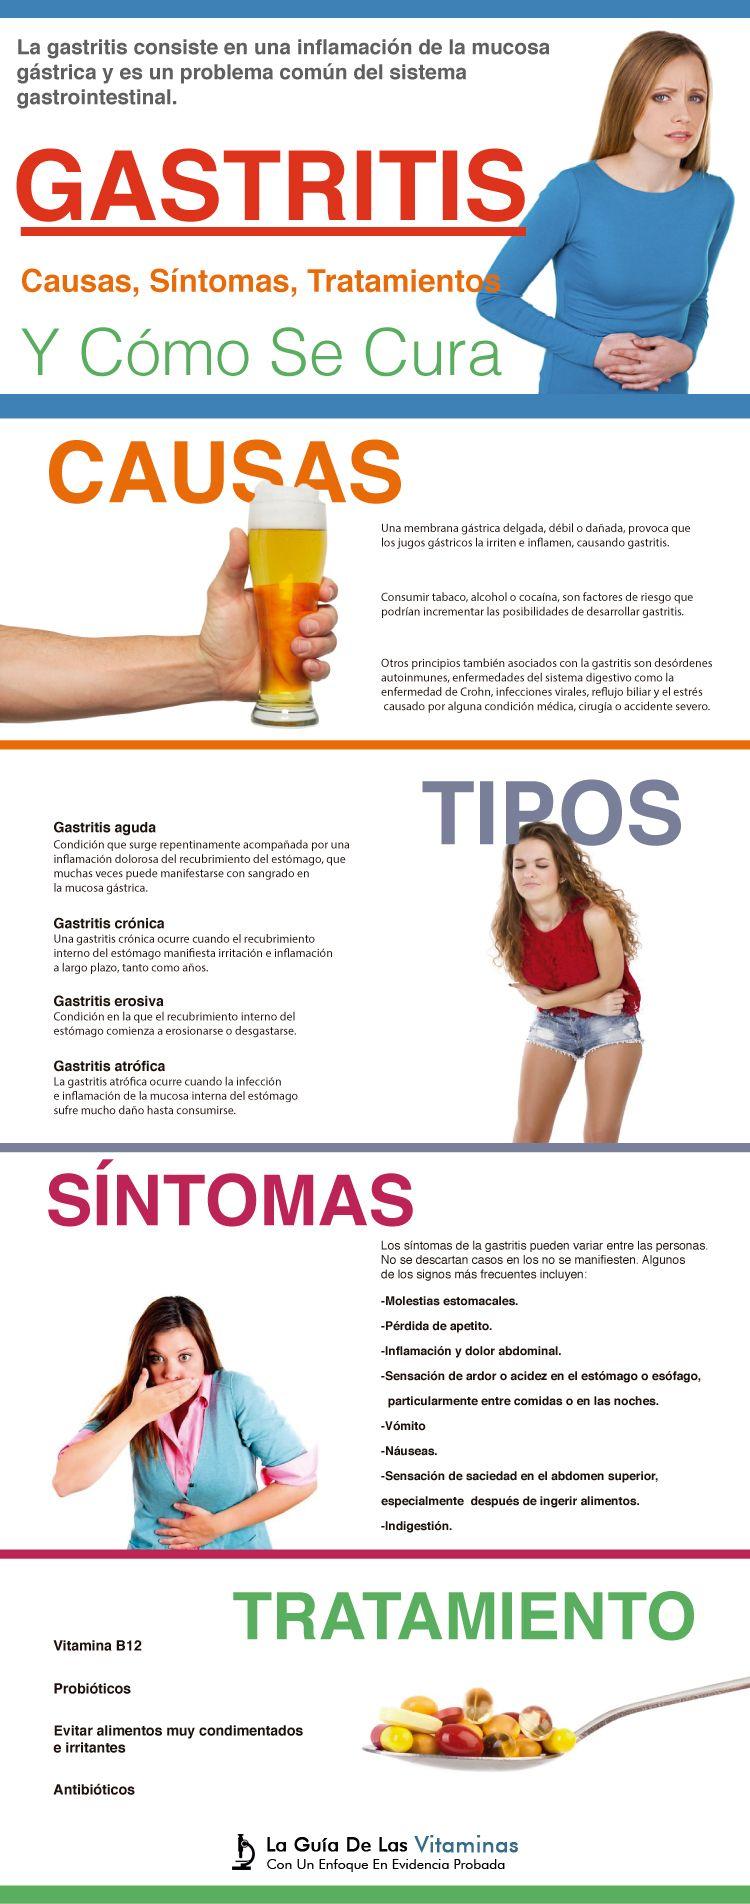 gastritis sintomas tratamiento y causas